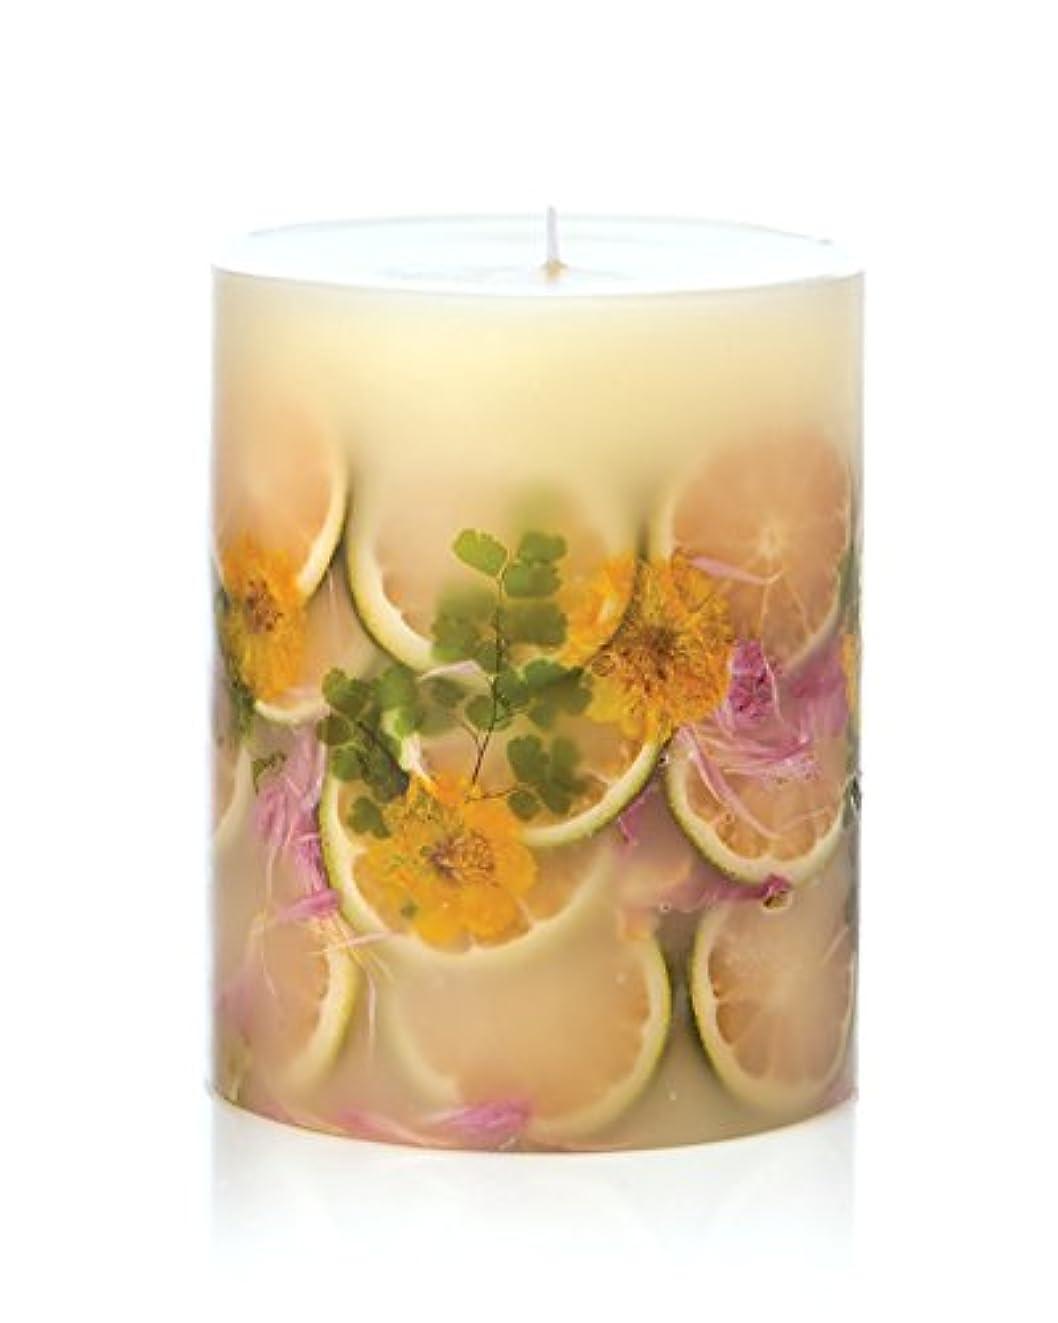 大臣委託細断ロージーリングス ボタニカルキャンドル ラウンド レモンブロッサム&ライチ ROSY RINGS Round Botanical Candle Round – Lemon Blossom & Lychee